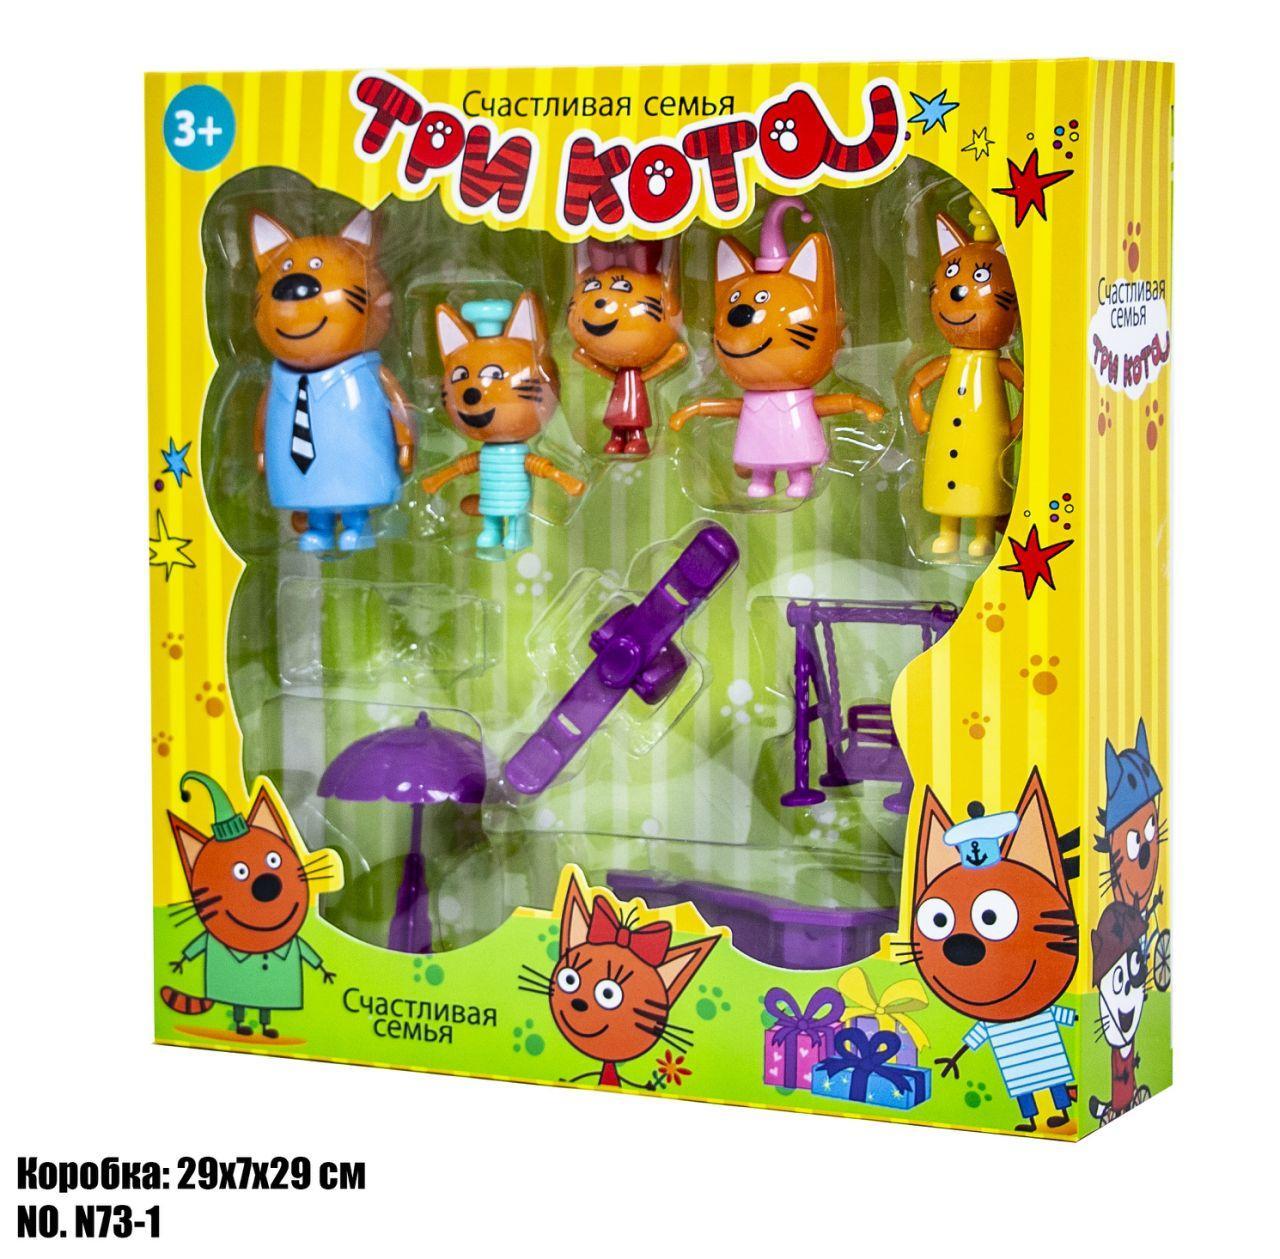 Игровой набор с фигурками Три Кота N73-1 оптом